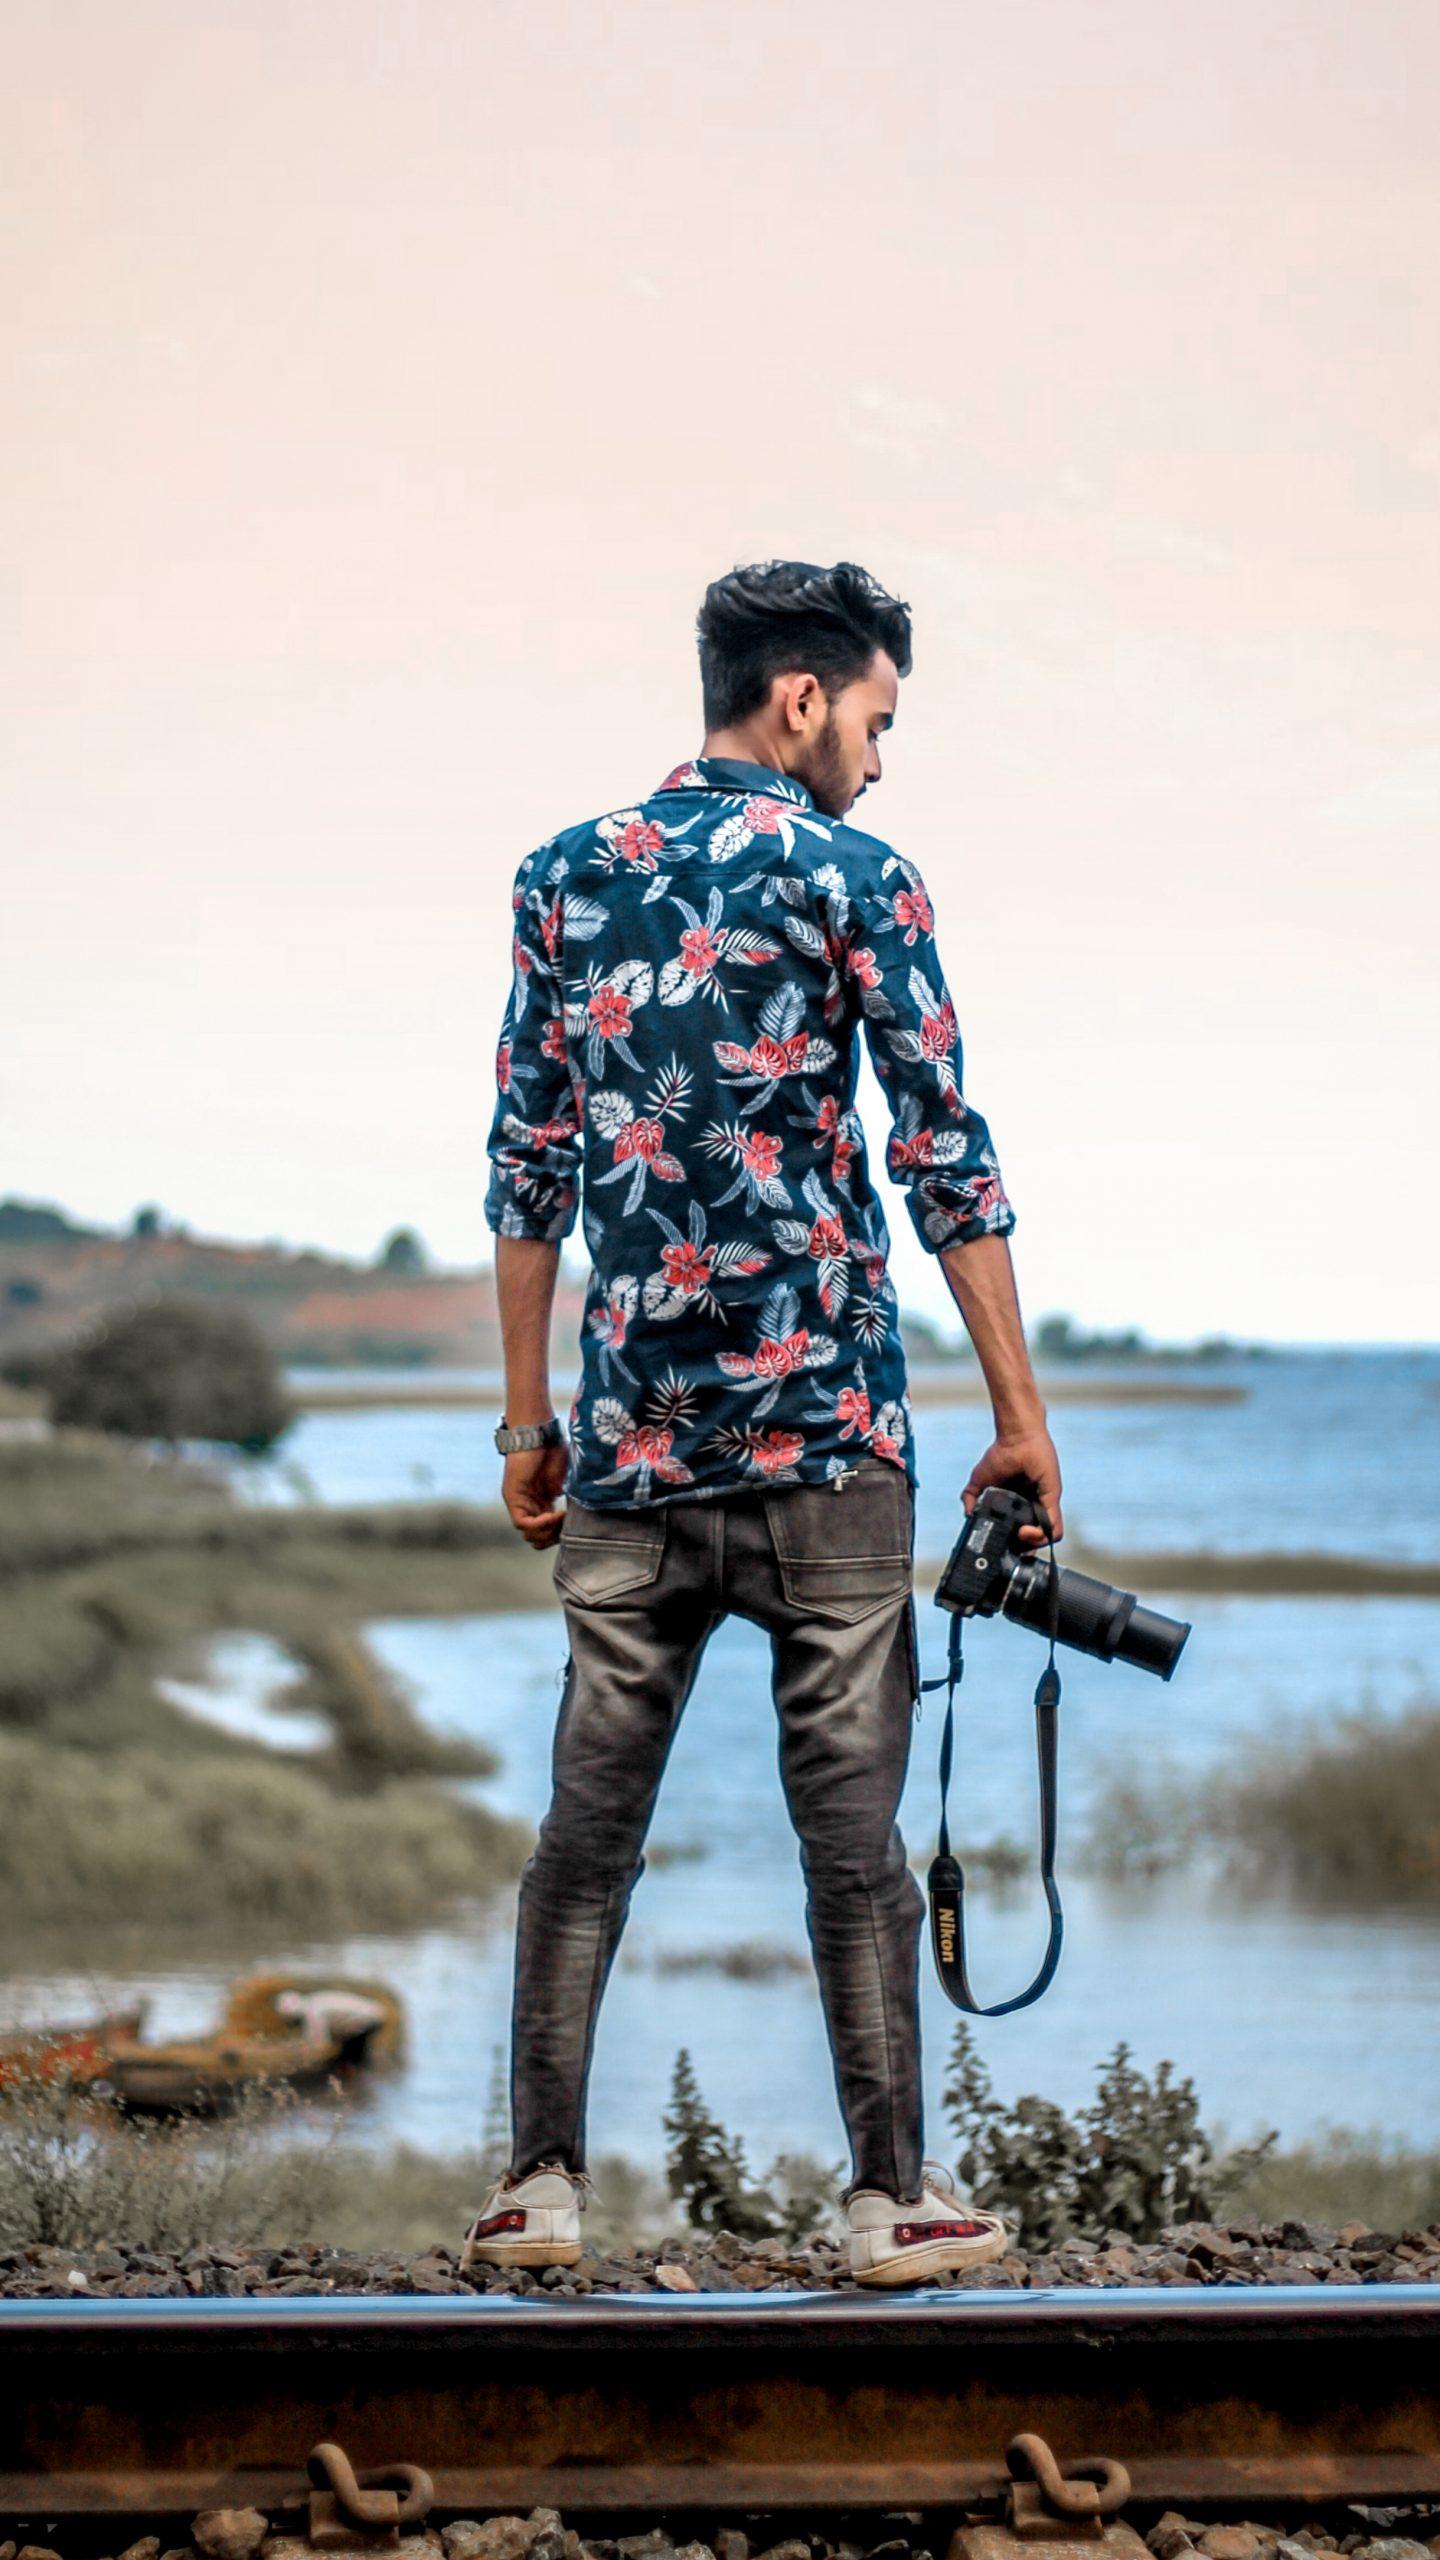 A photographer on a railway track